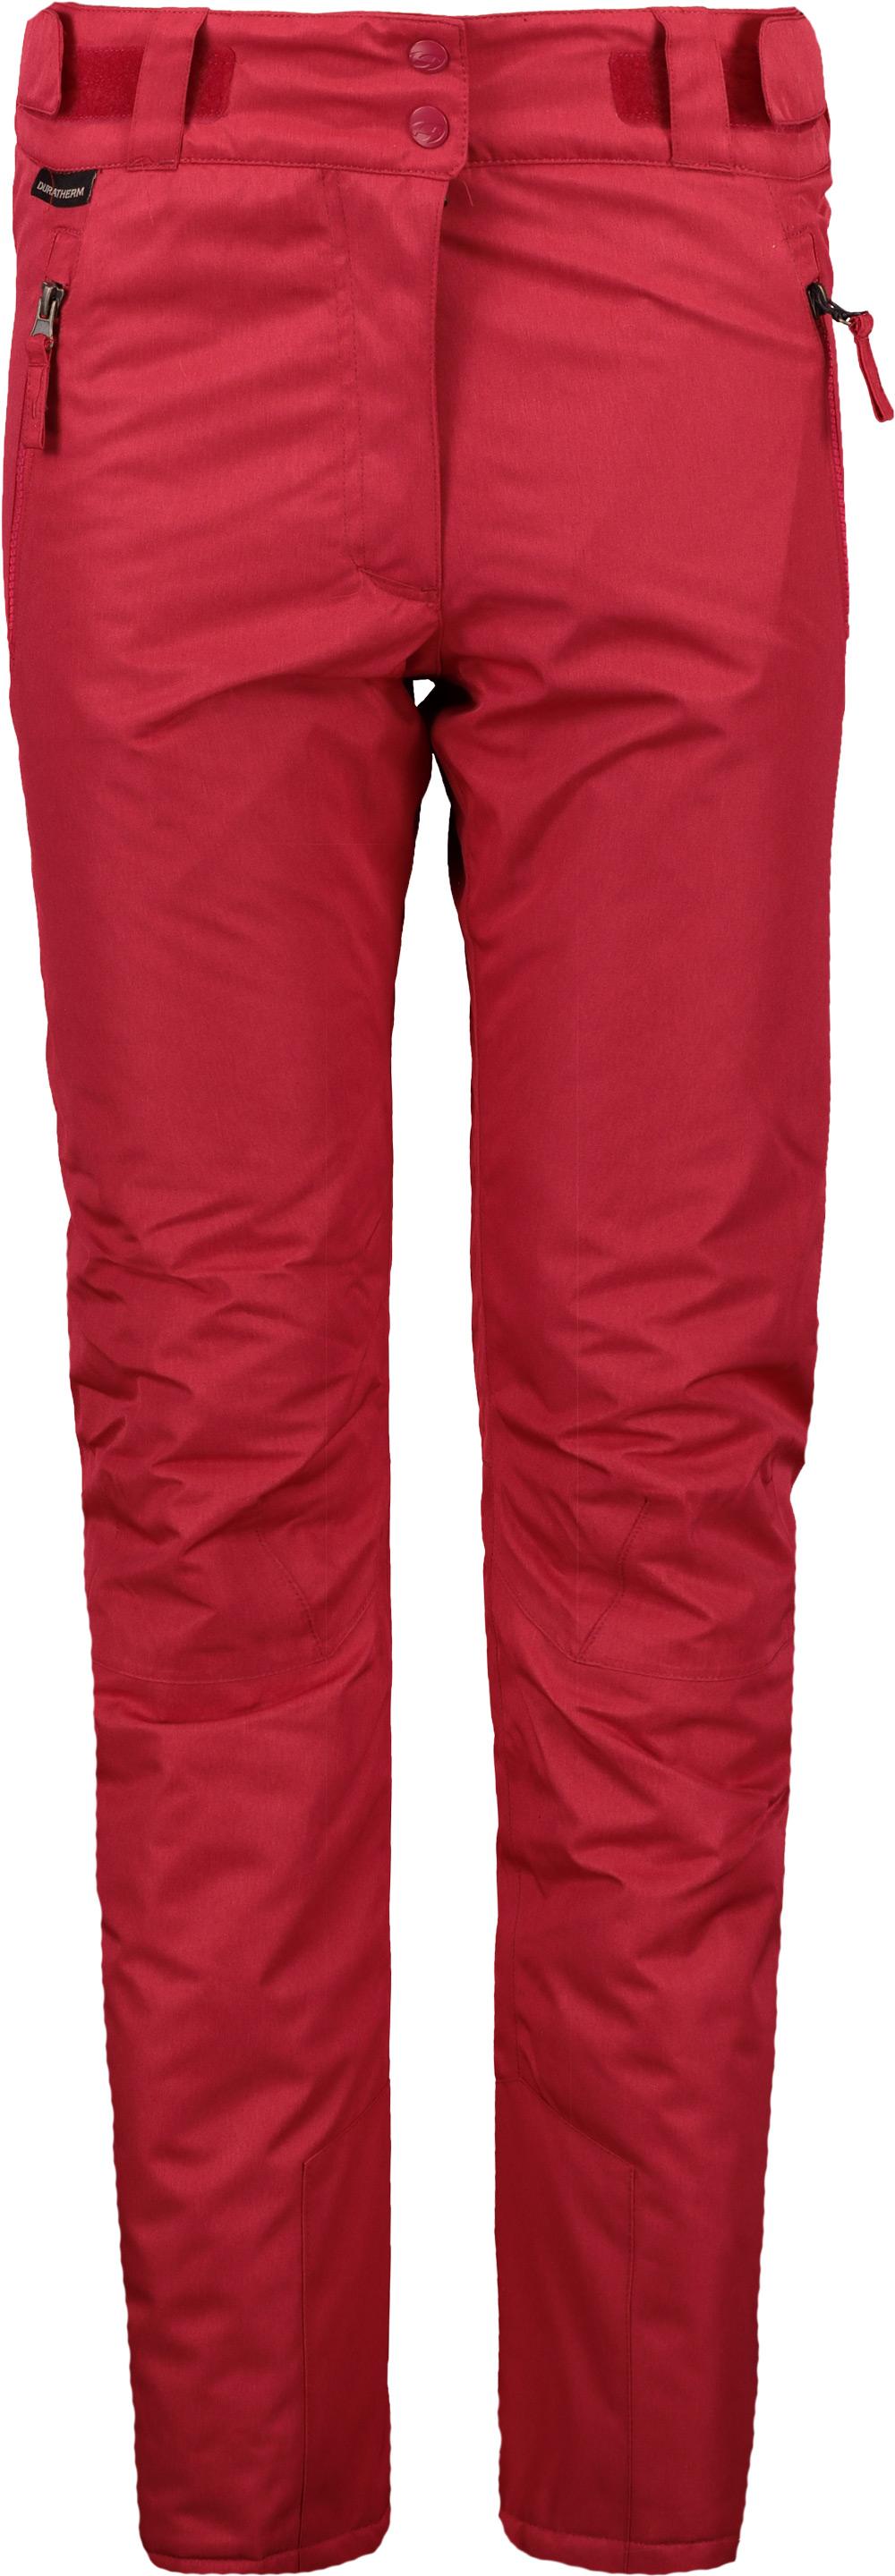 Lyžařské kalhoty dámské HANNAH Josie II